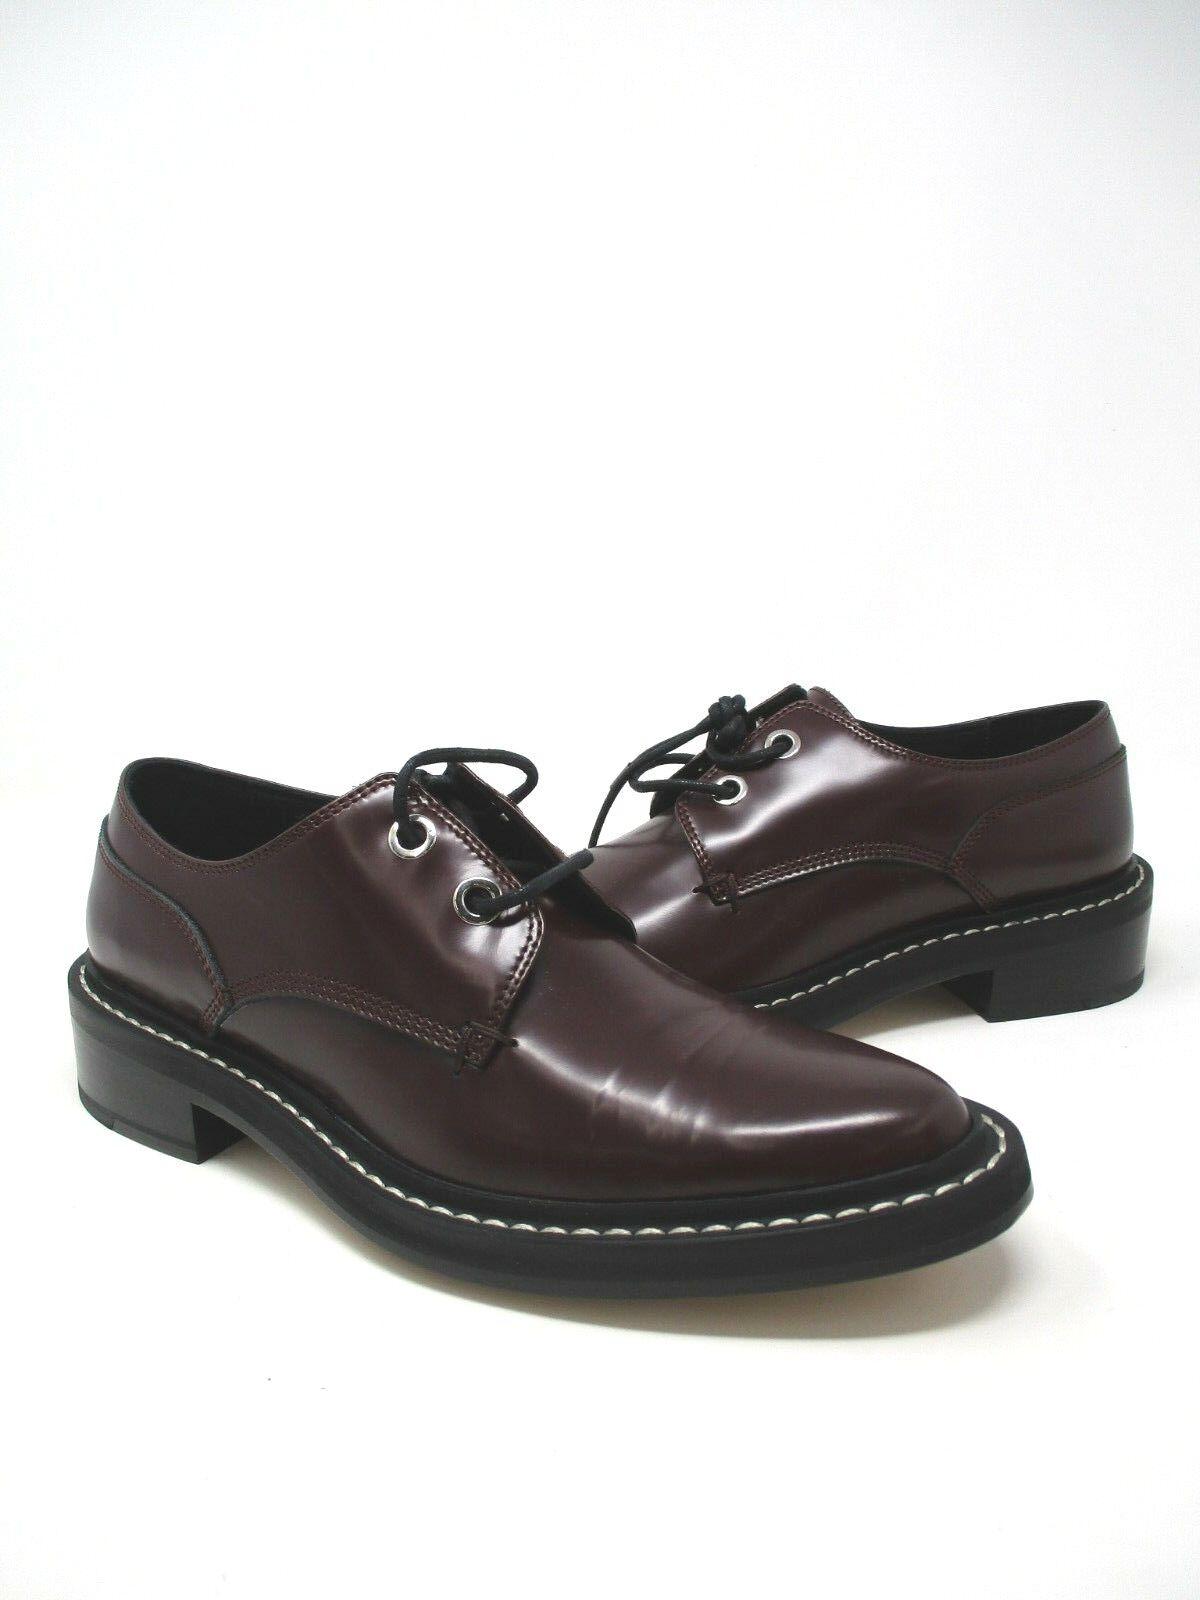 Rag & Bone Kenton Bordeaux Red Lace Up Oxford shoes Sz. EUR 37.5 US 7.5